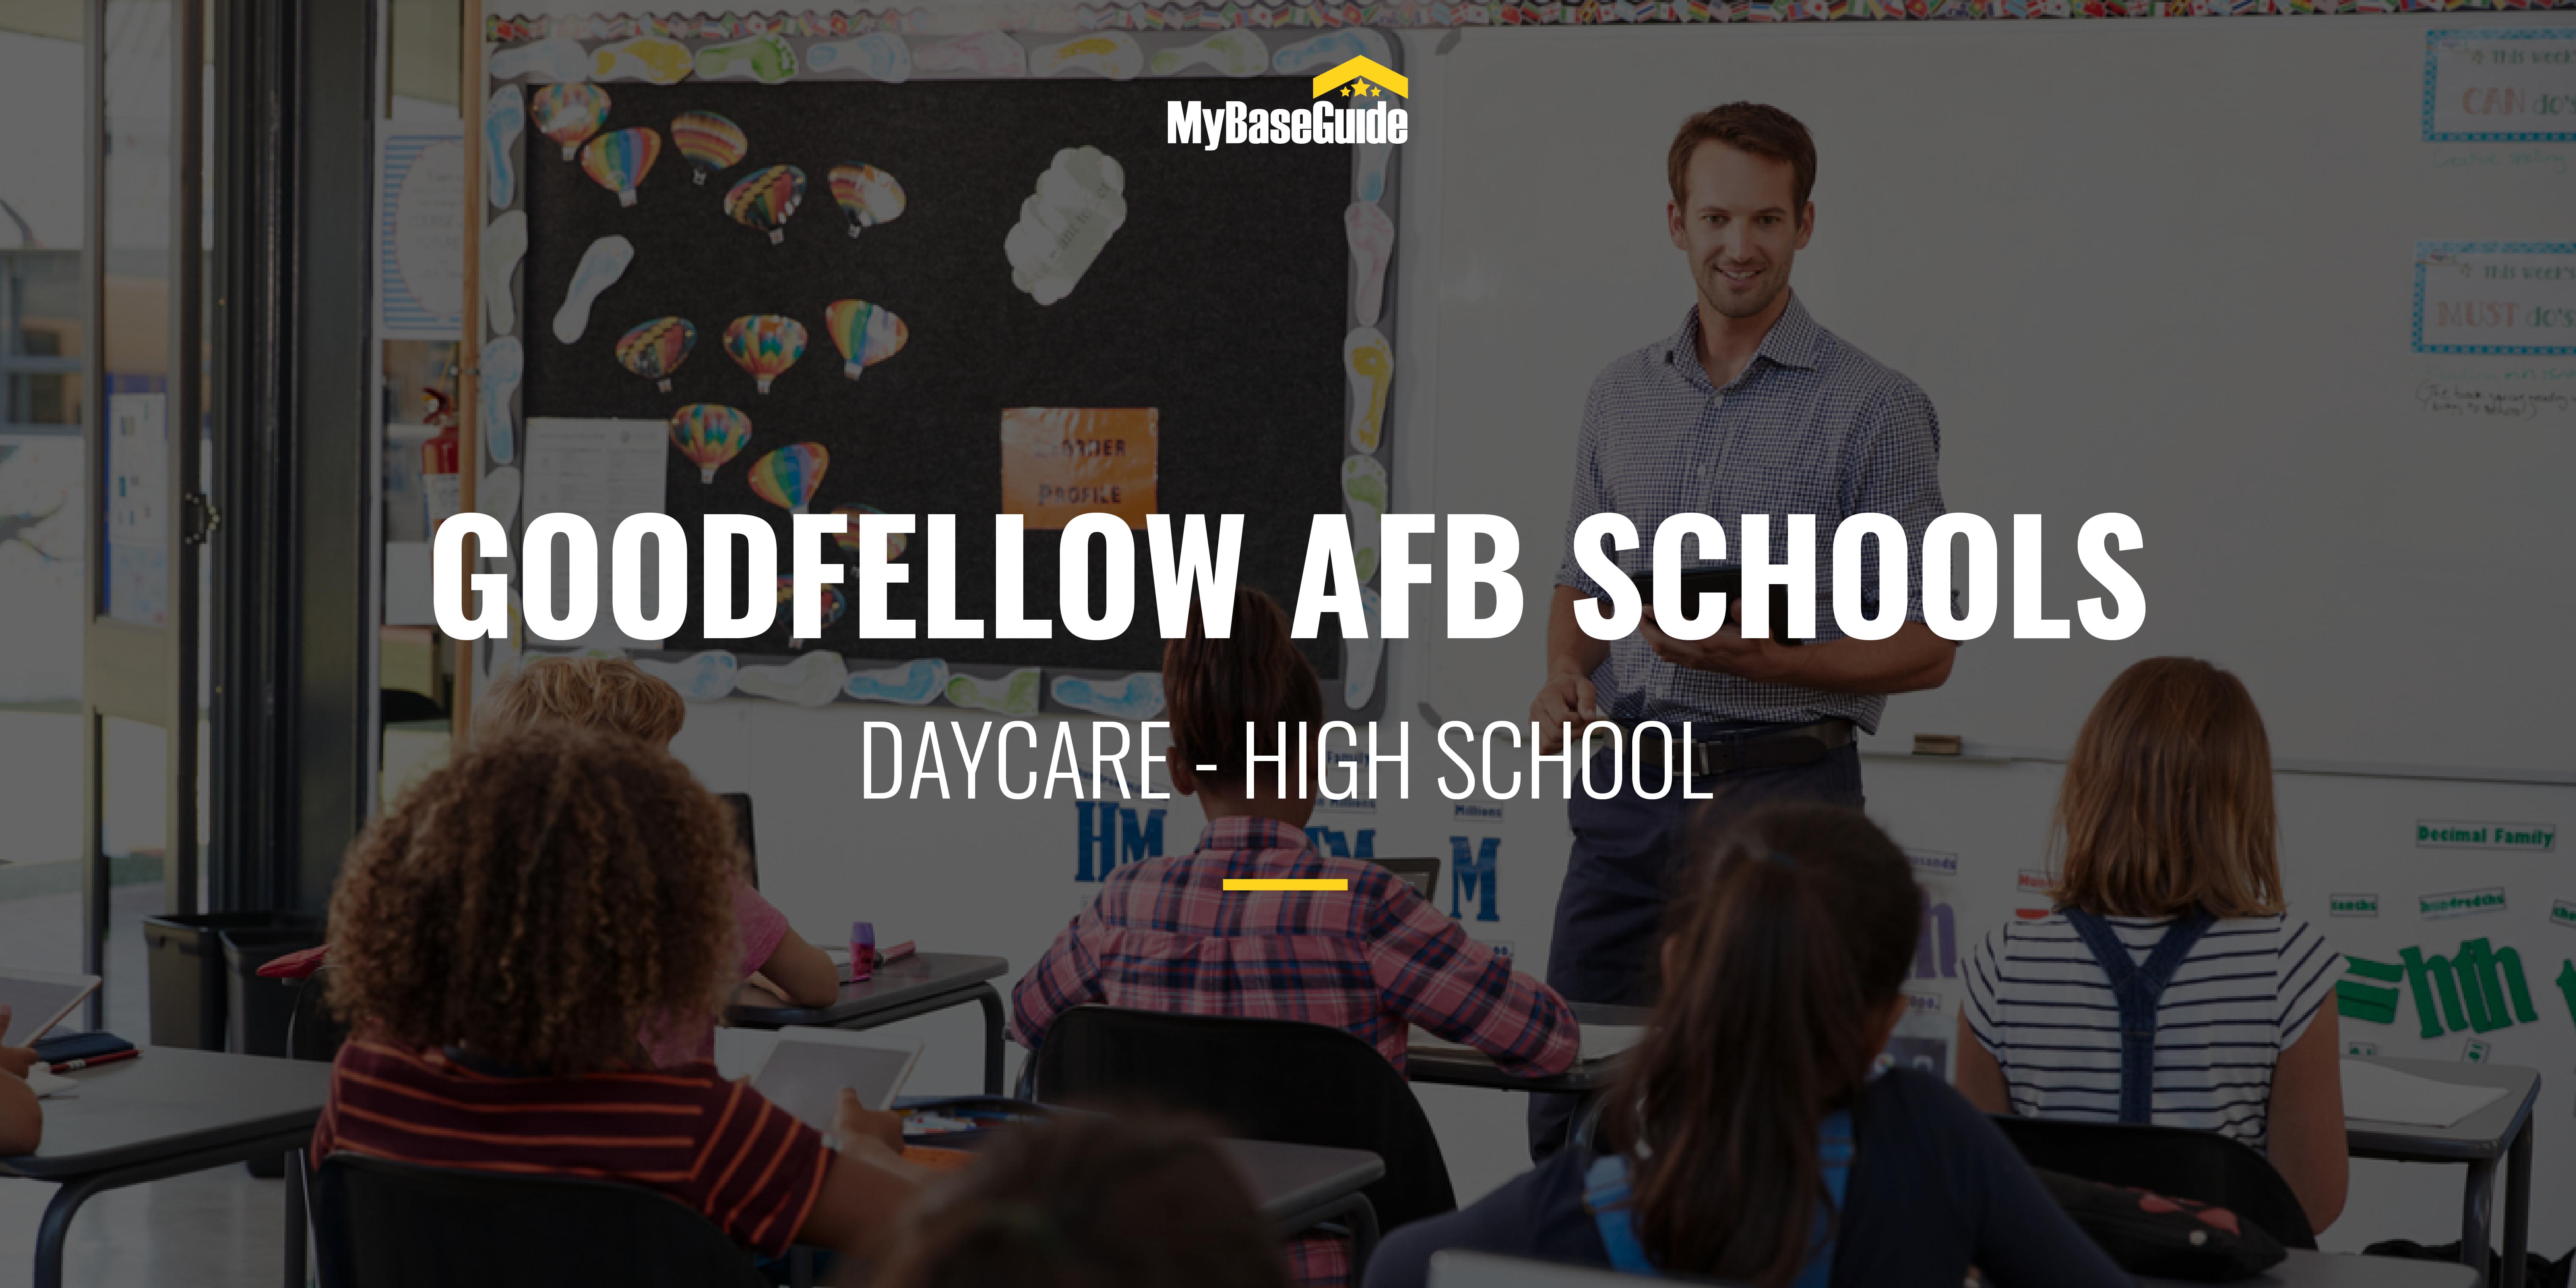 Goodfellow AFB Schools: Daycare - High School